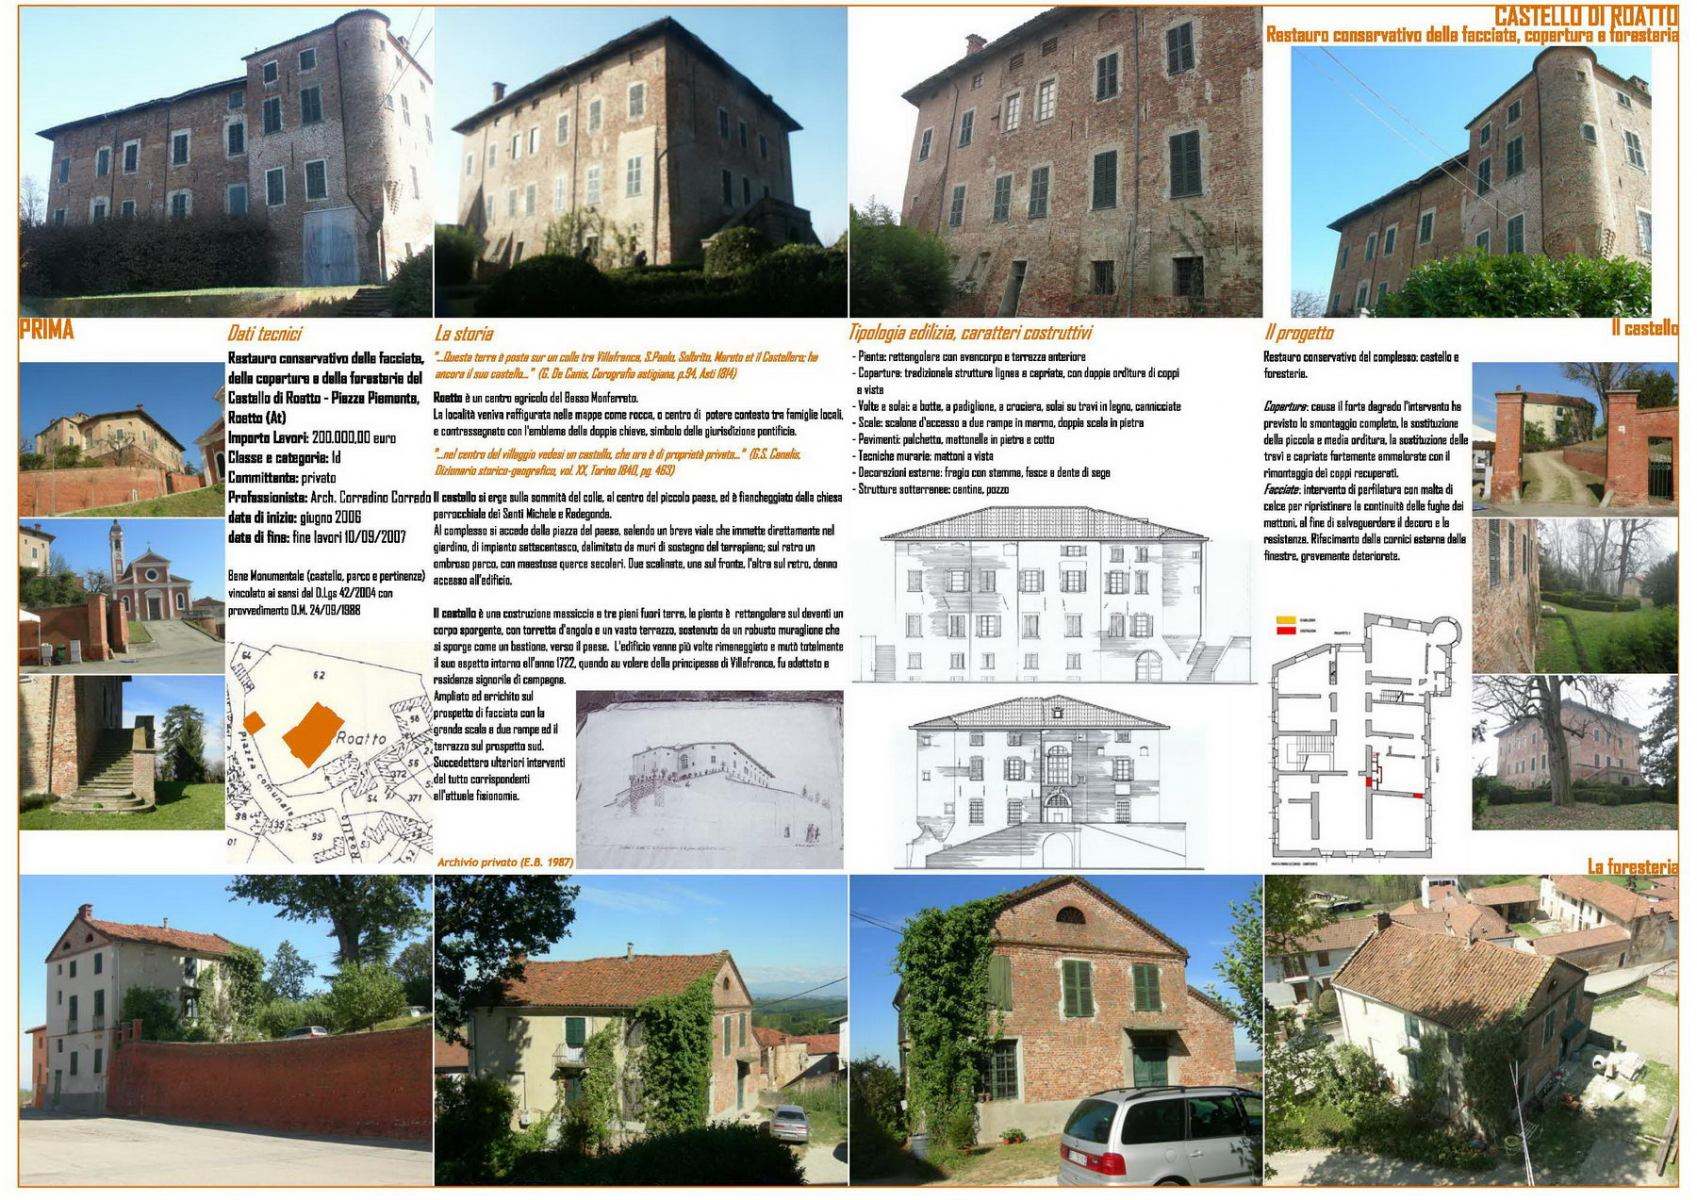 P01-04corradino-castello-roatto10